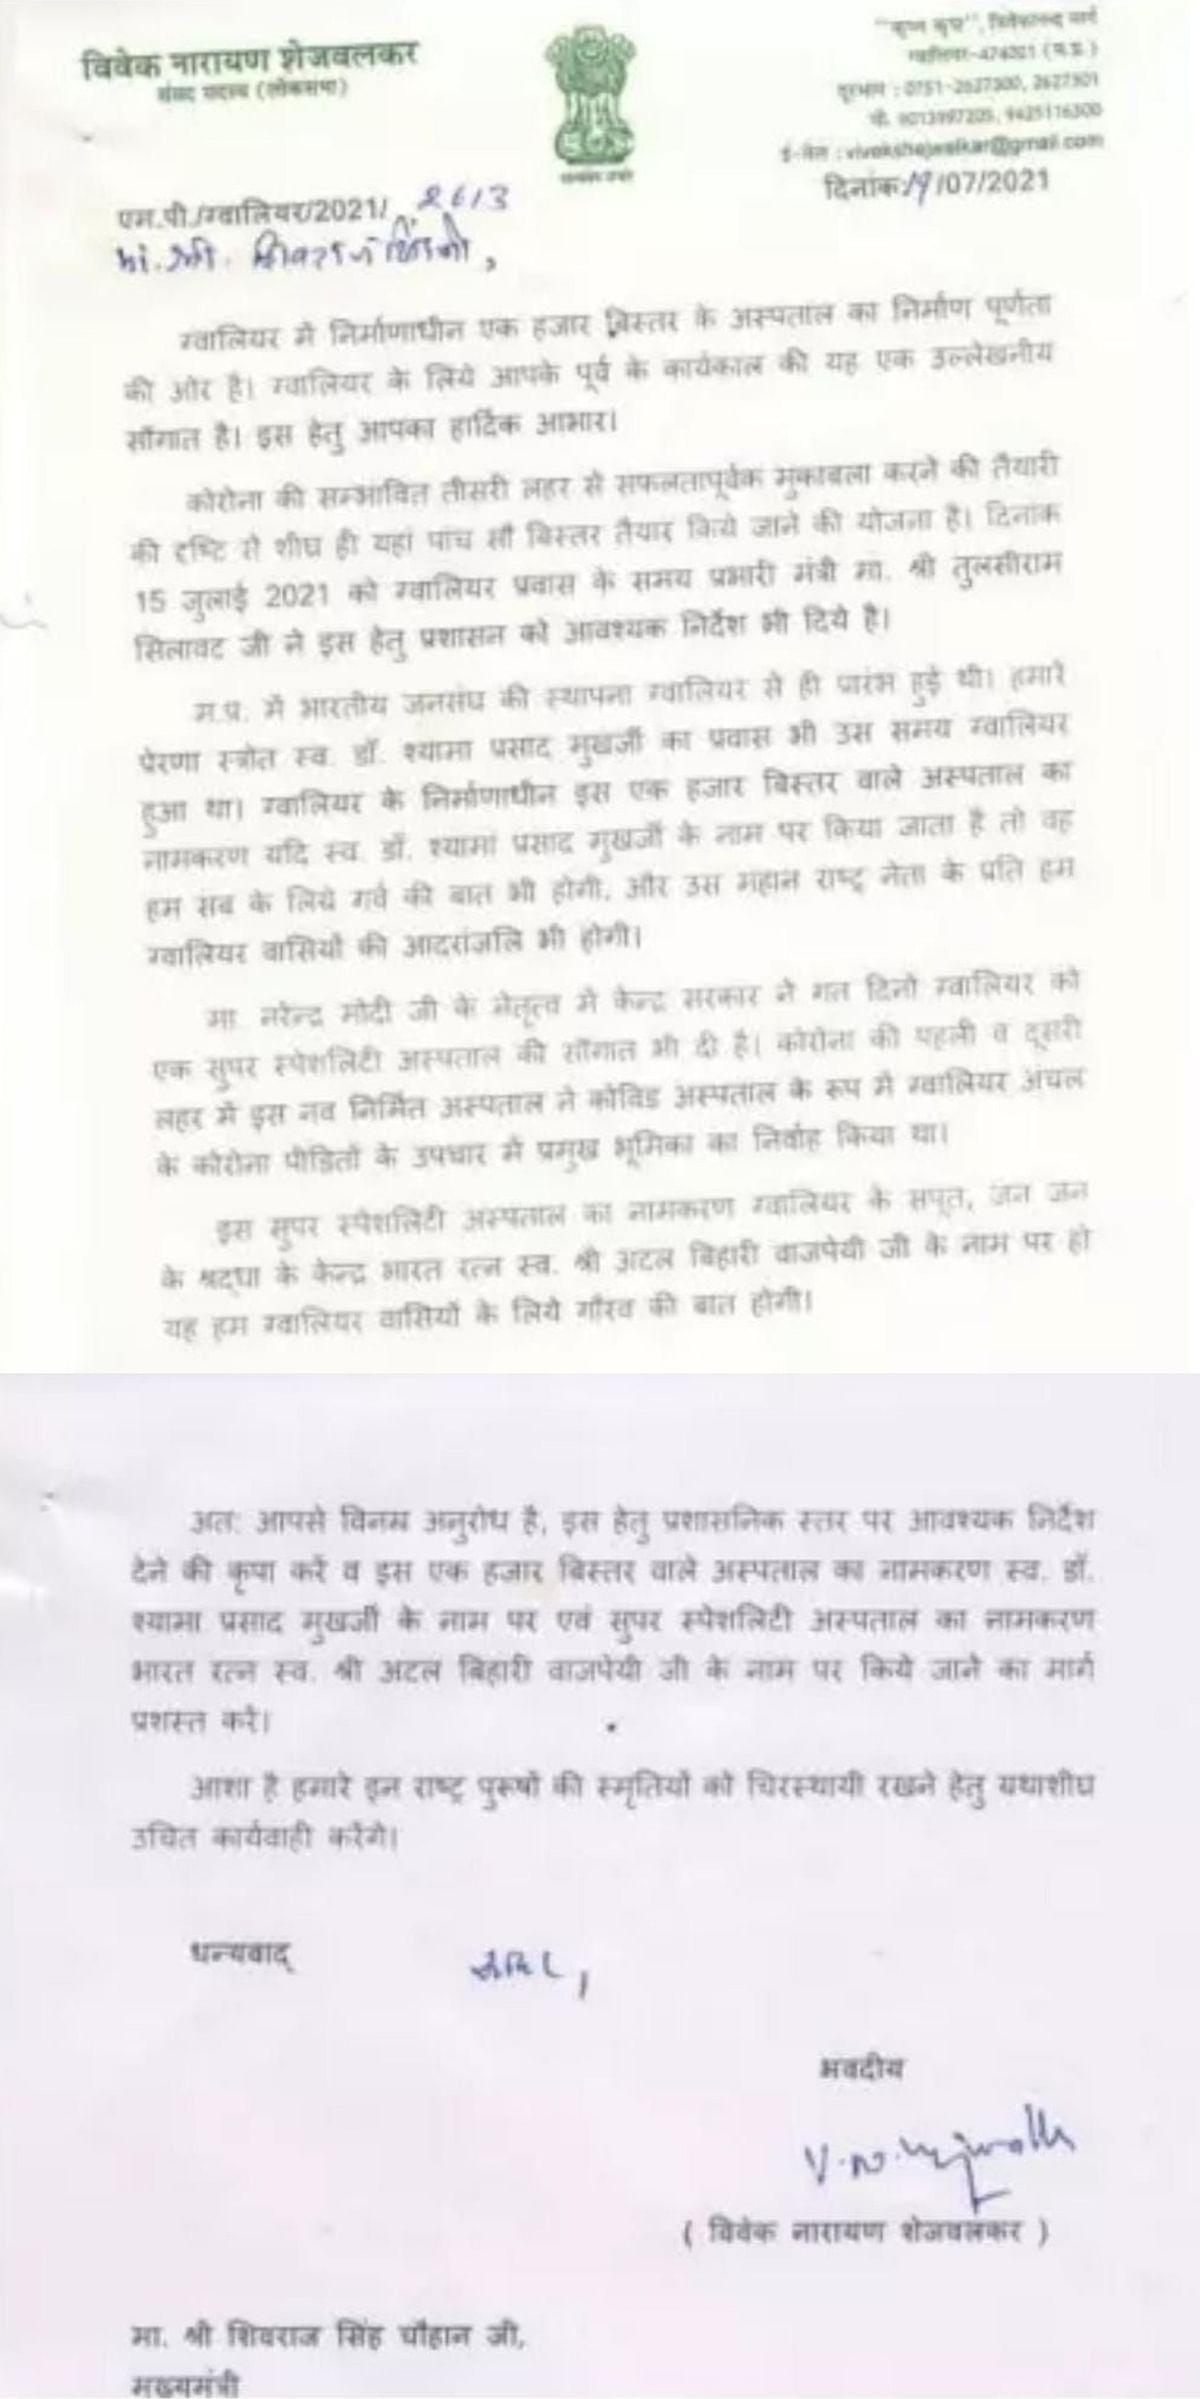 विवेकद शेजवलकर का पत्र